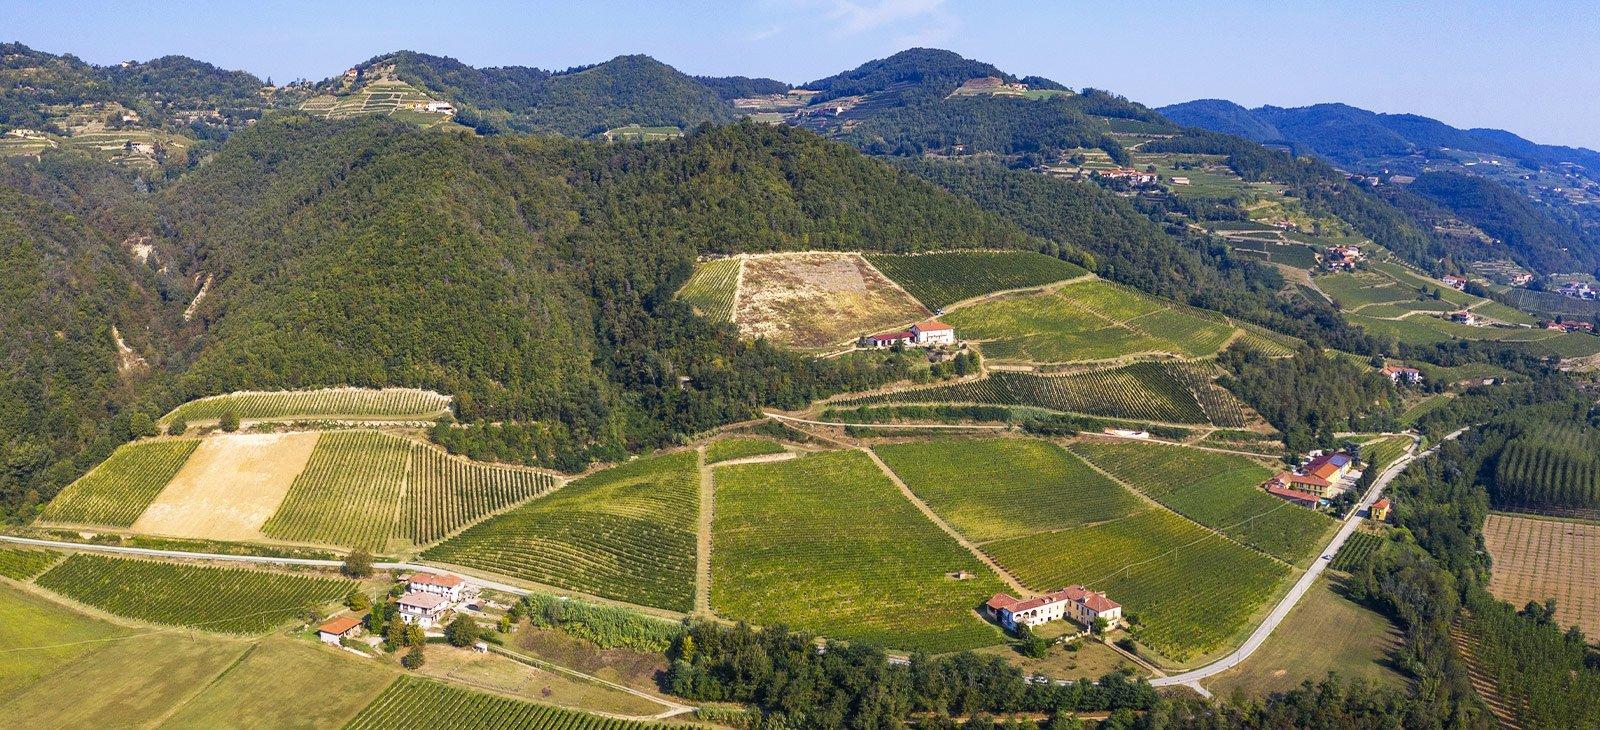 Vista panoramica di Cavallero Vini e dei colli circostanti l'azienda, a Vesime